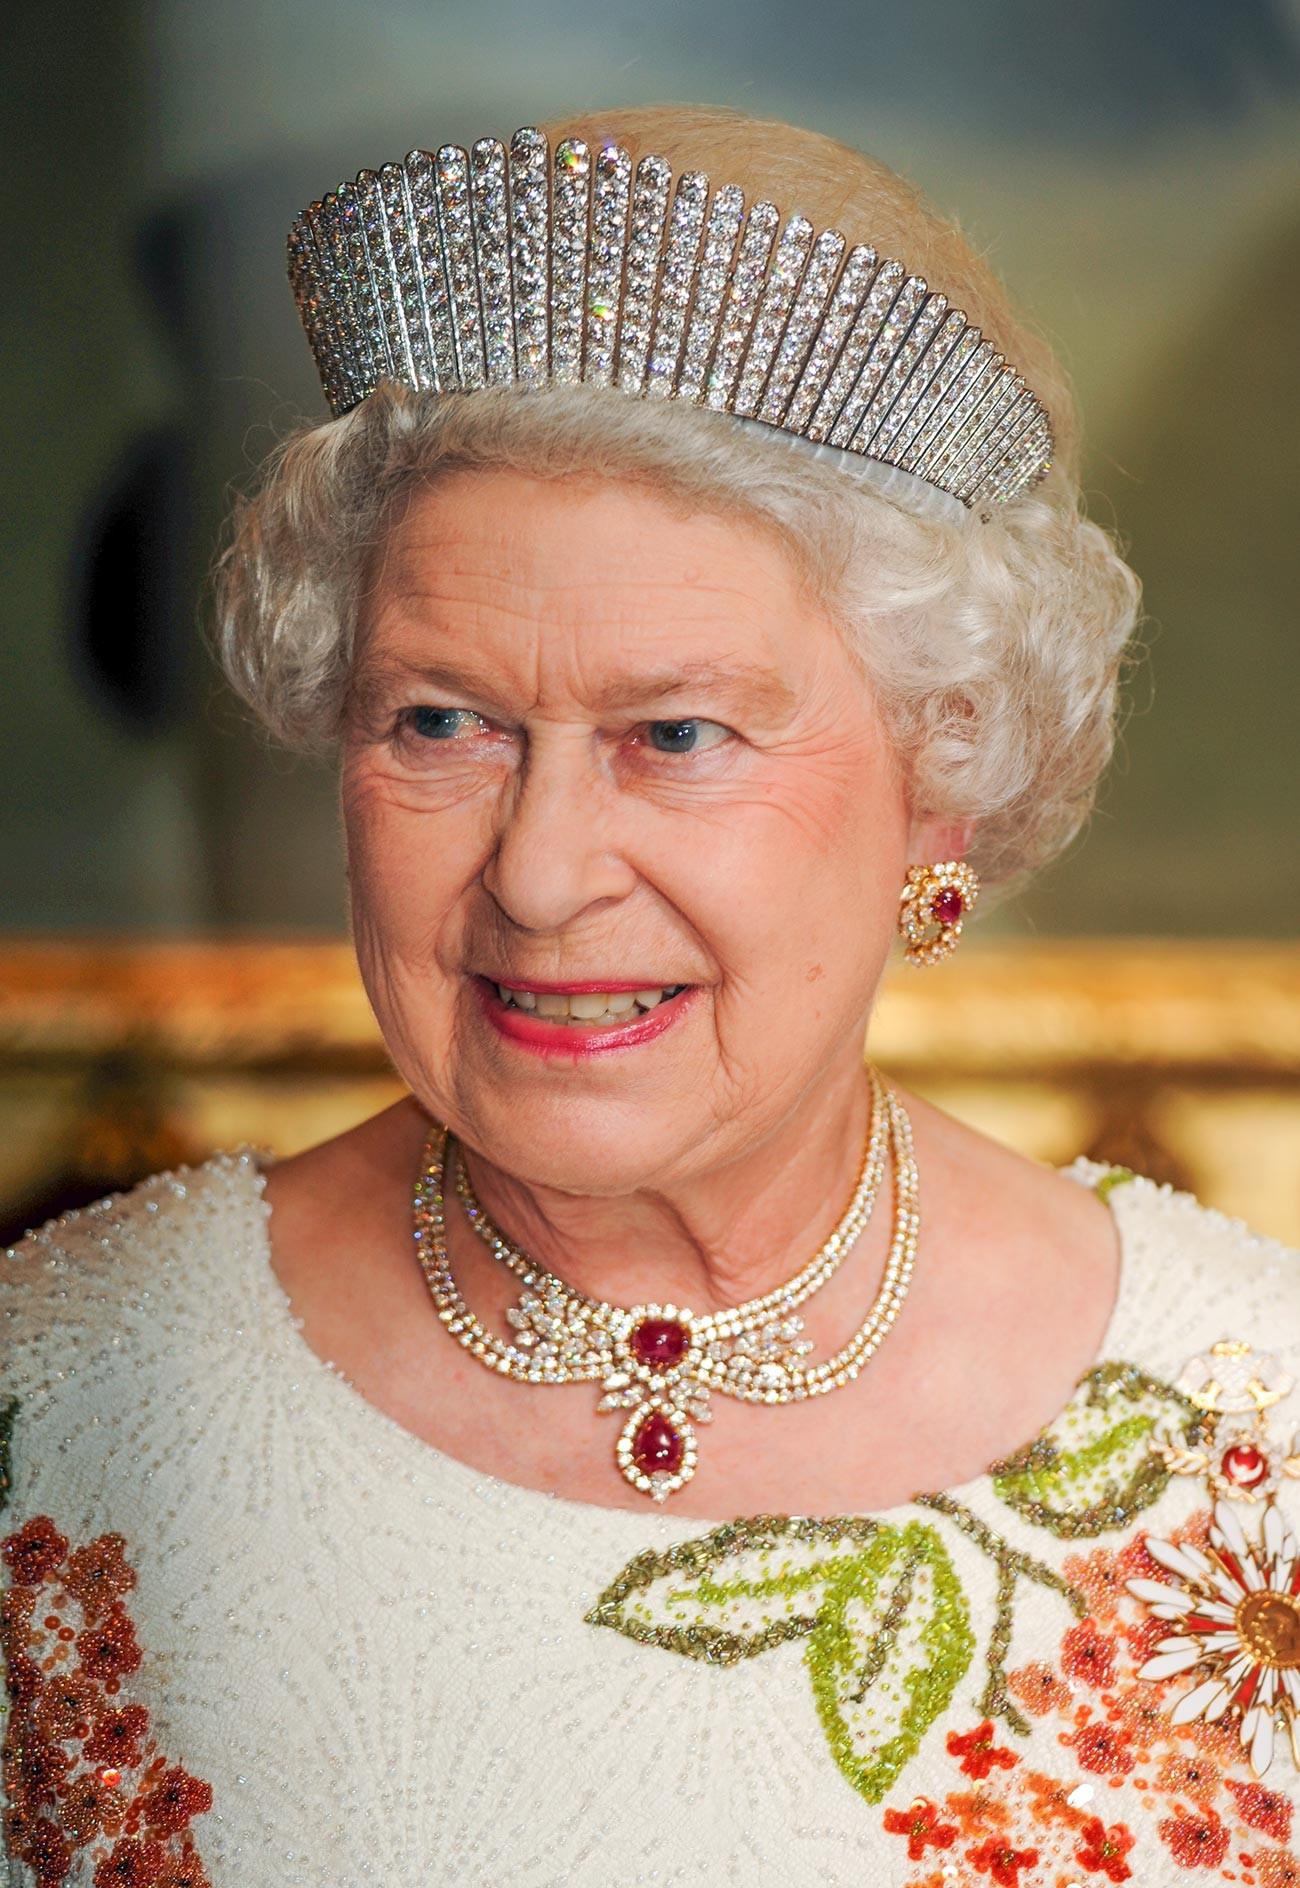 La Reina Isabel II asiste a un banquete de Estado el primer día de una visita de Estado a Turquía el 13 de mayo de 2008 en Ankara.